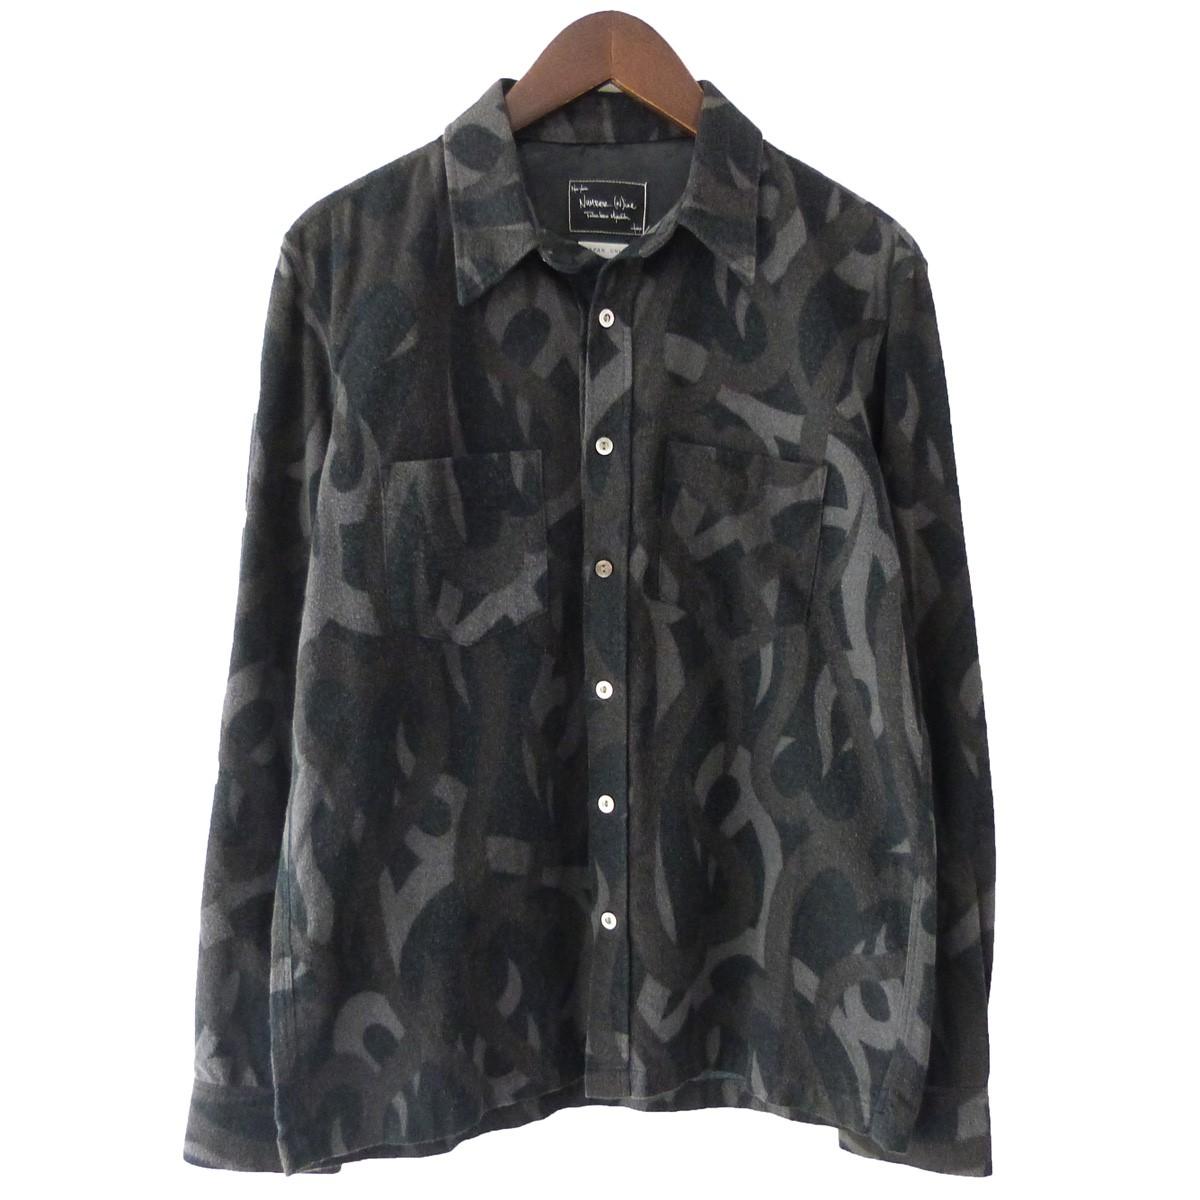 【中古】NUMBER (N)INE ハートトライバル迷彩シャツ ブラック サイズ:2 【100420】(ナンバーナイン)